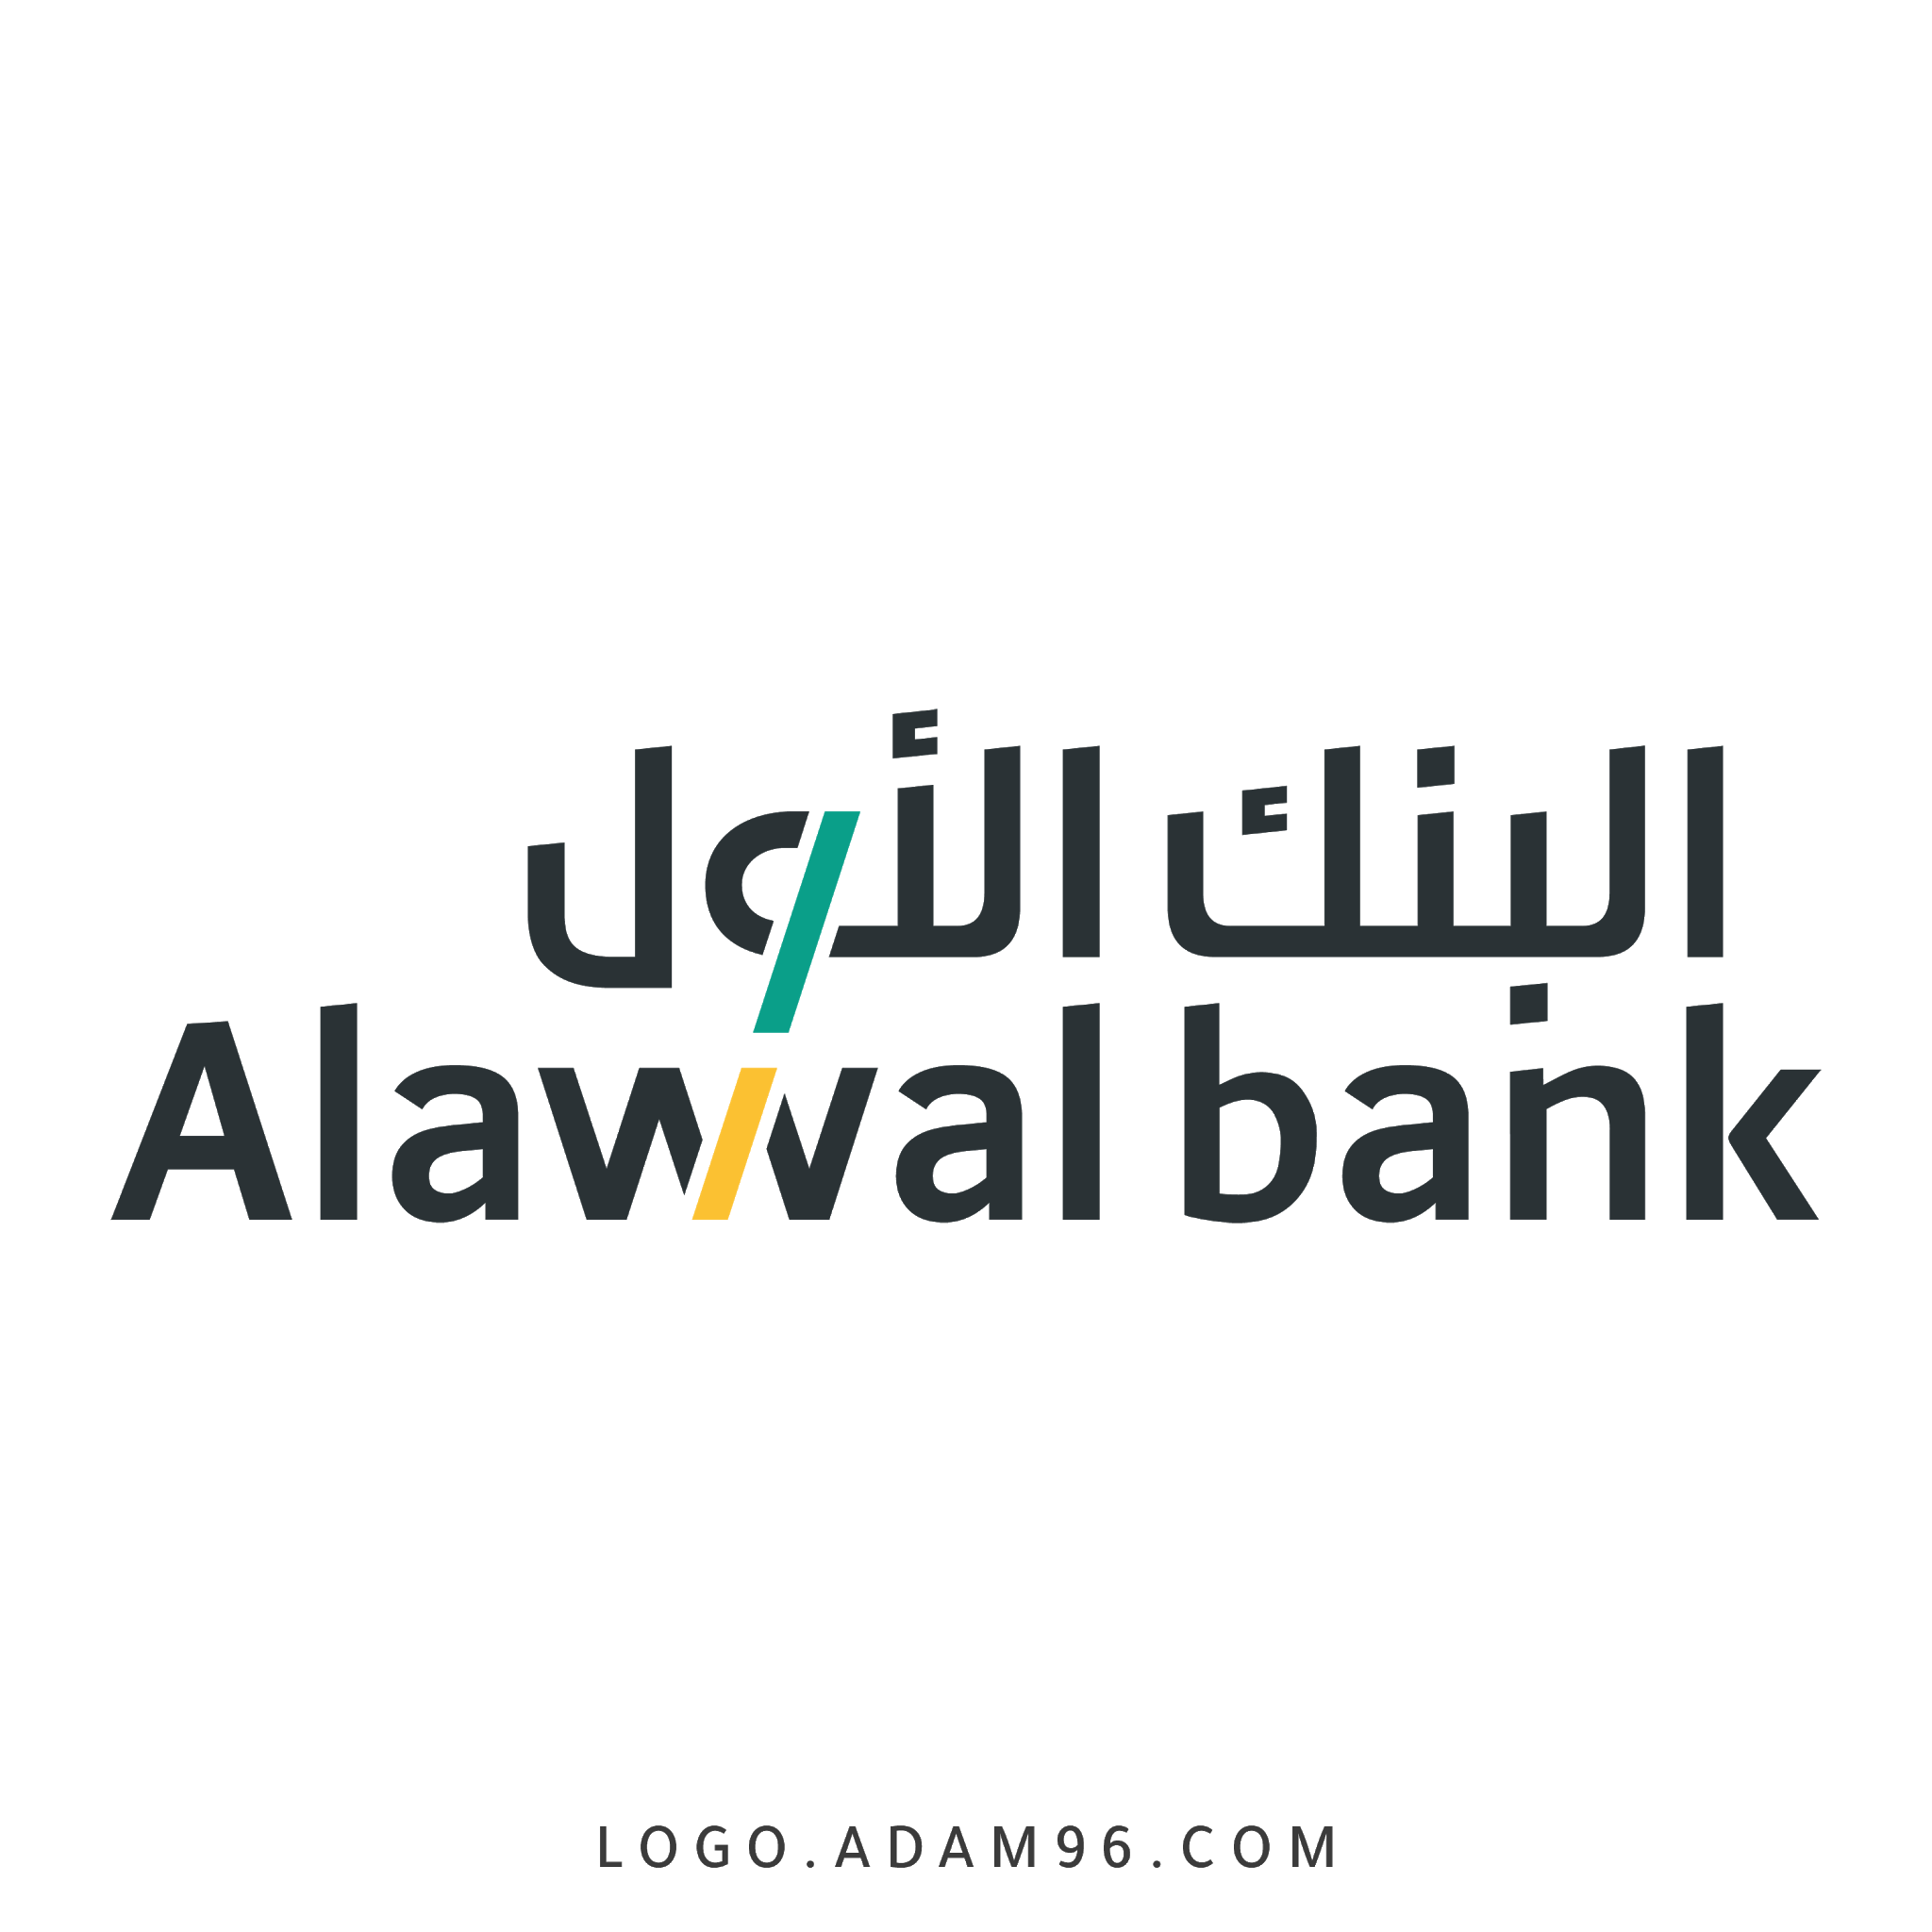 تحميل شعار البنك الاول - السعودية لوجو رسمي عالي الجودة Logo Alawwal Bank PNG